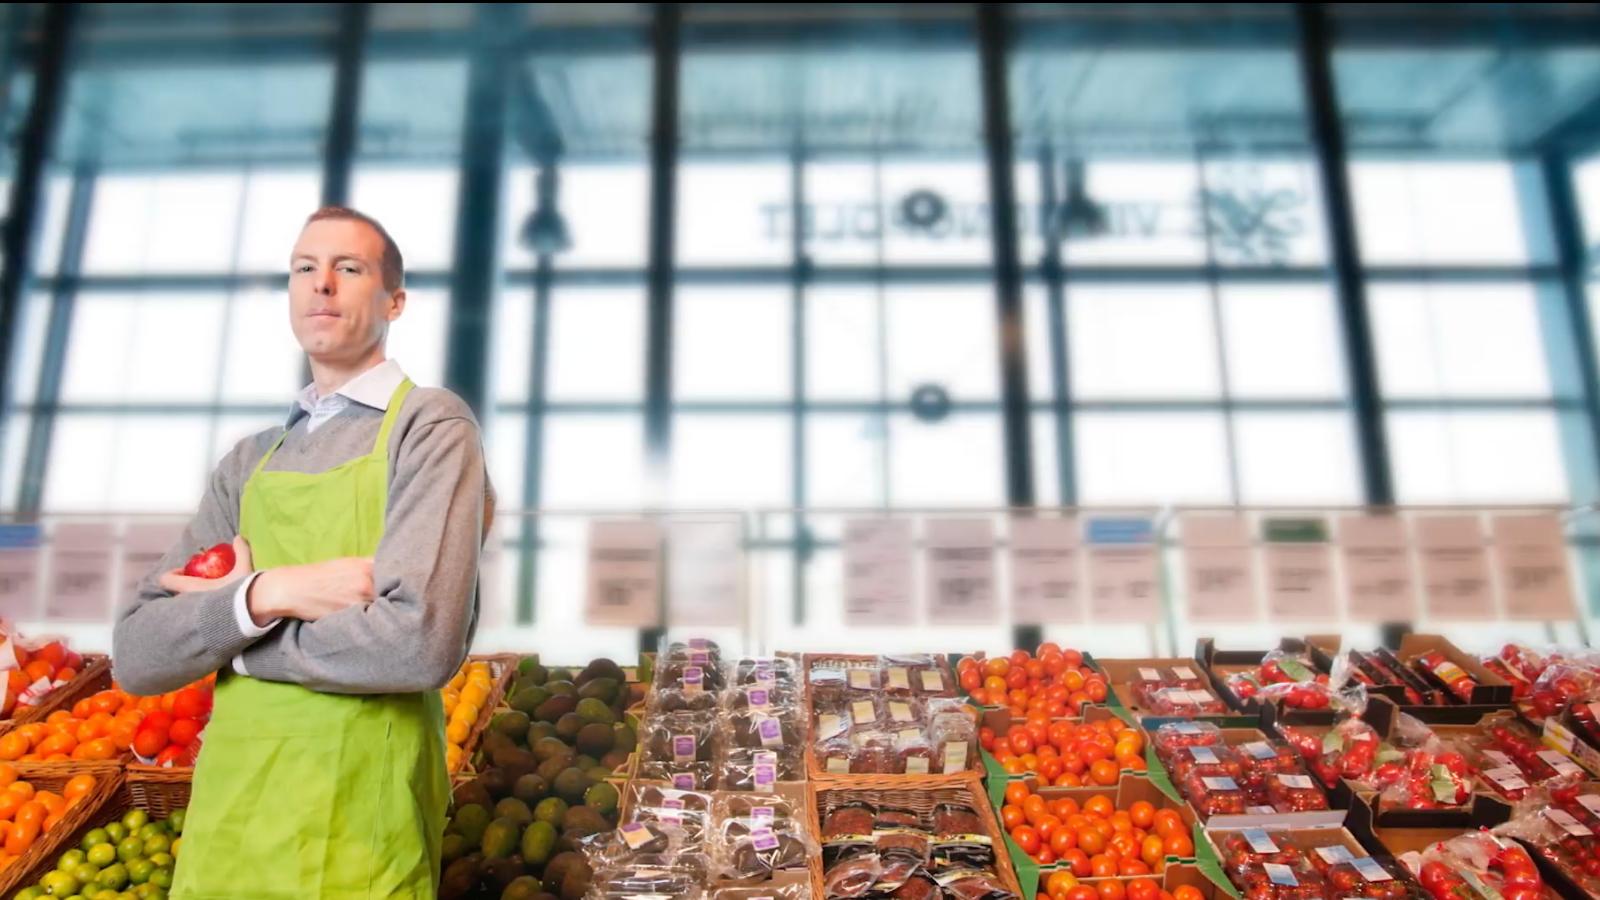 全米1000店舗以上が導入。生鮮食品の需要予測で、食料廃棄を減らすShelf Engine